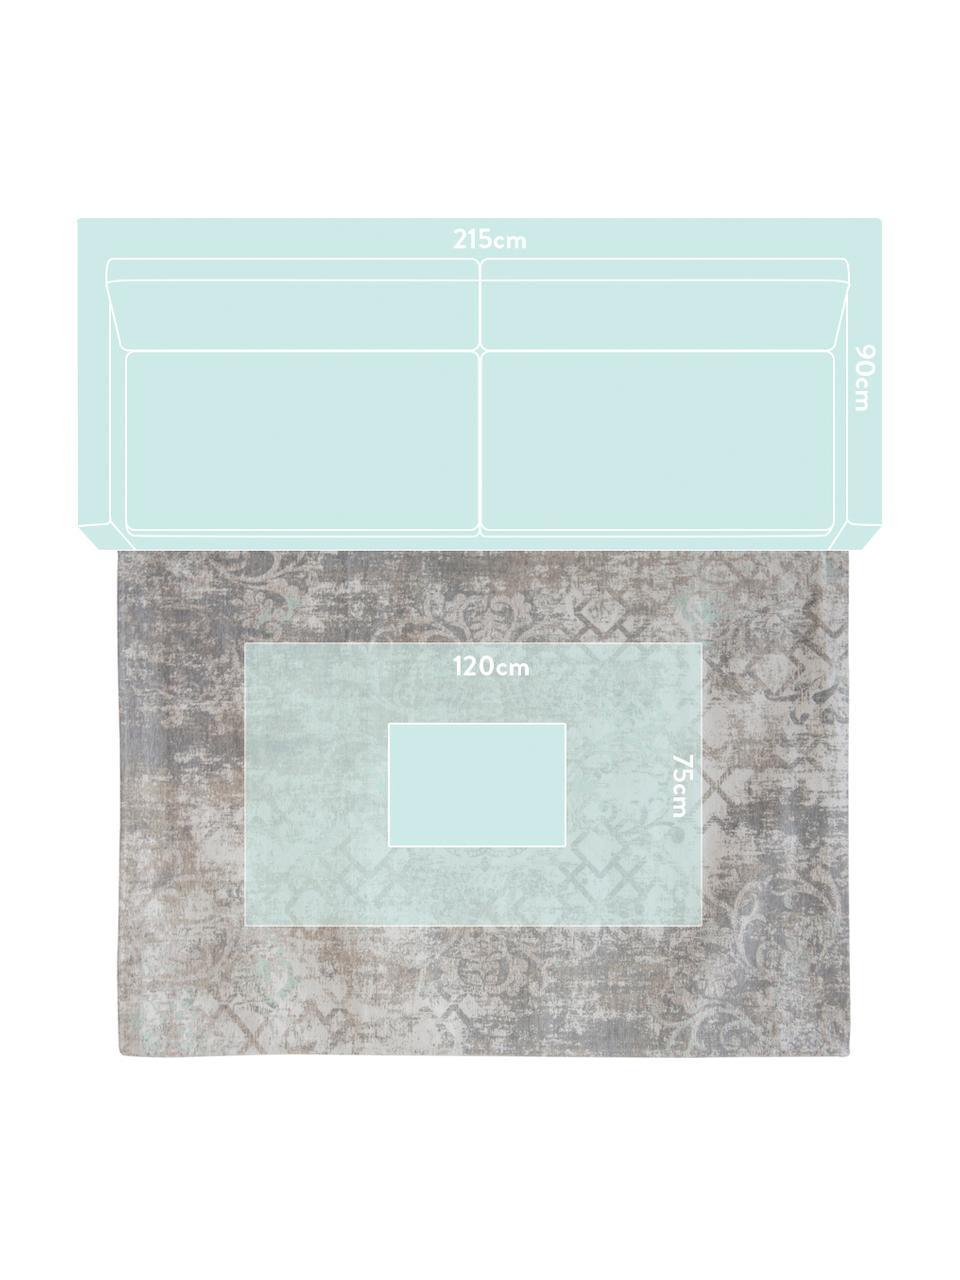 Dywan szenilowy w stylu vintage Babylon, Szary, beżowy, 140 x 200 cm (Rozmiar S)